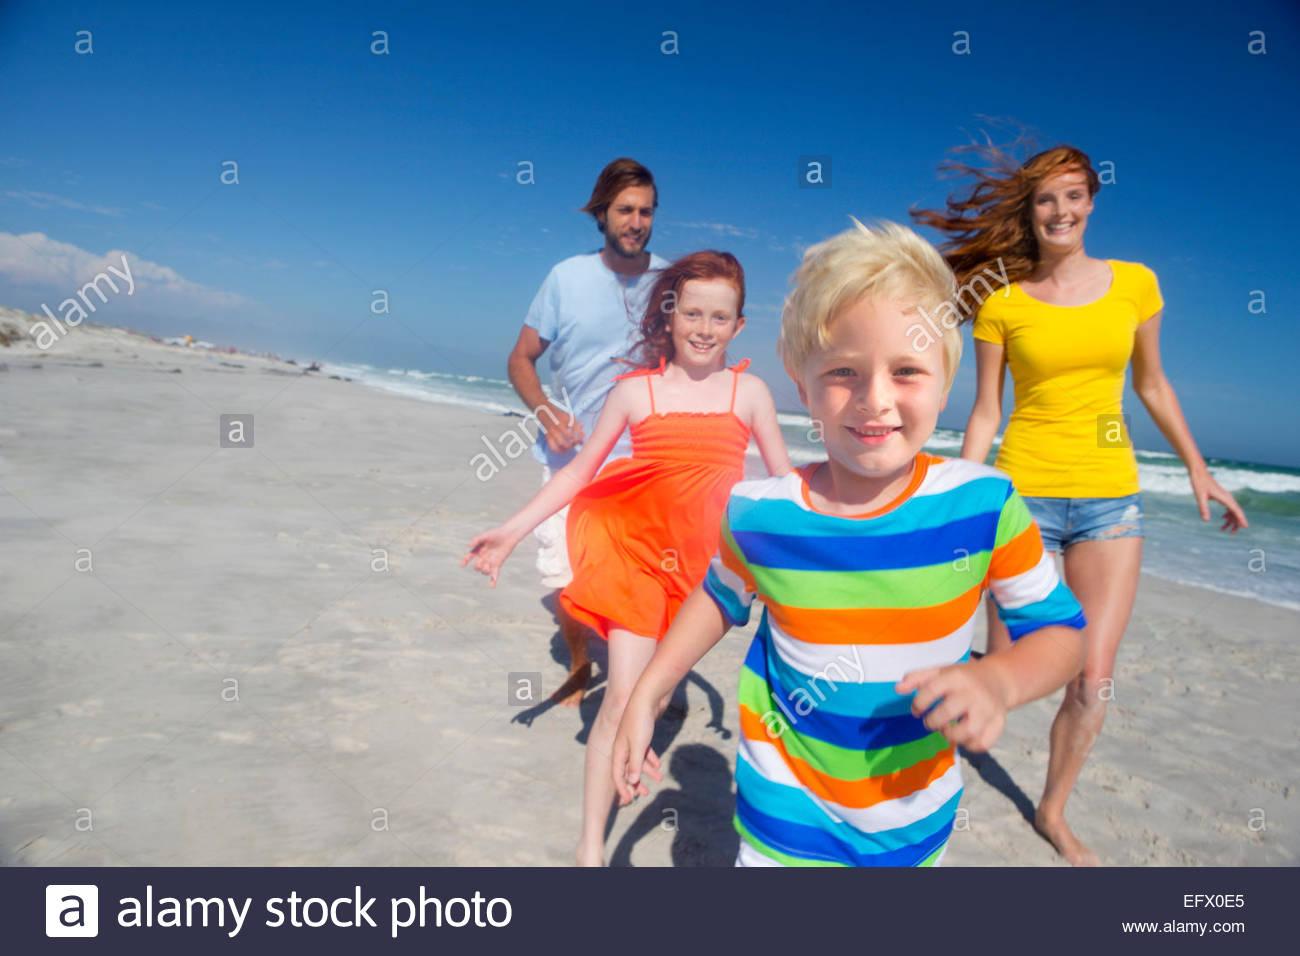 Familia feliz corriendo hacia la cámara, en sunny beach Imagen De Stock